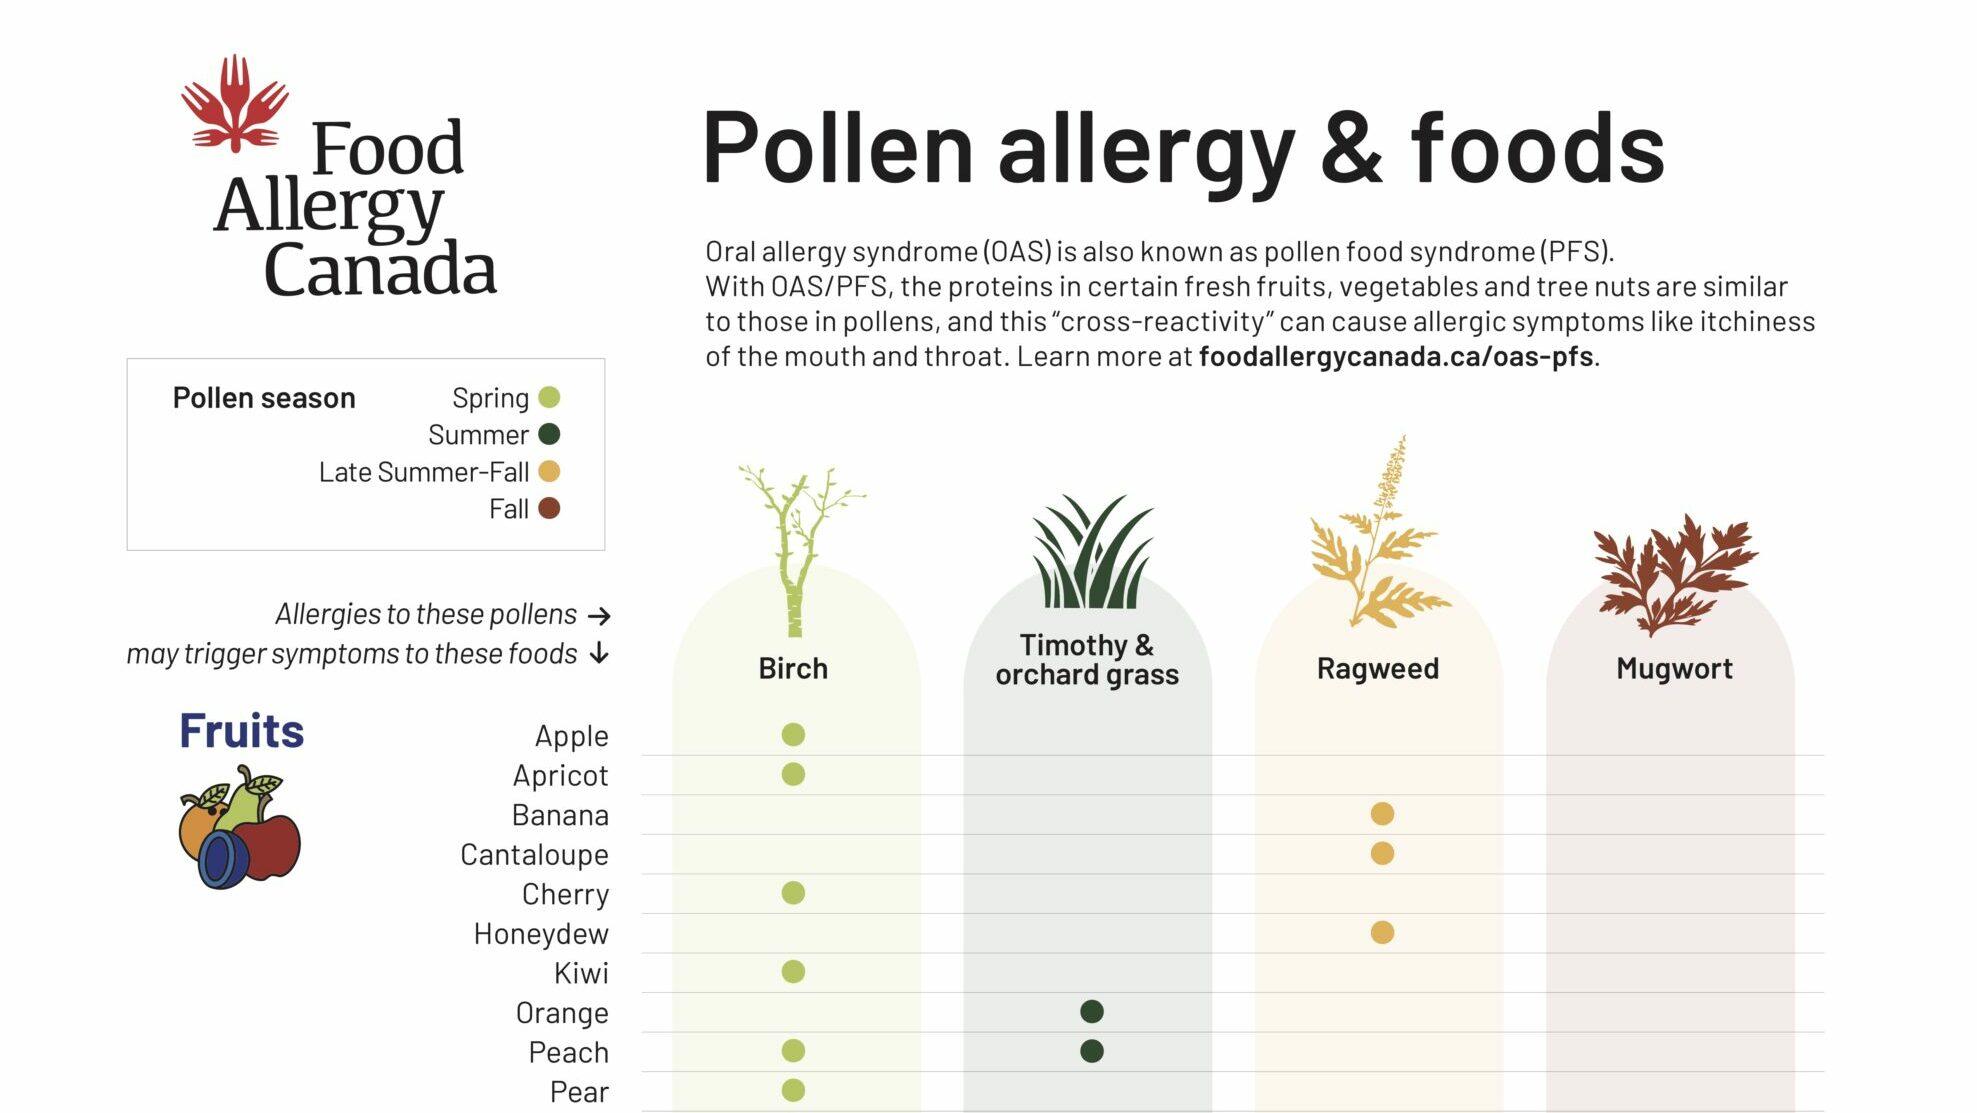 Pollen allergy & foods